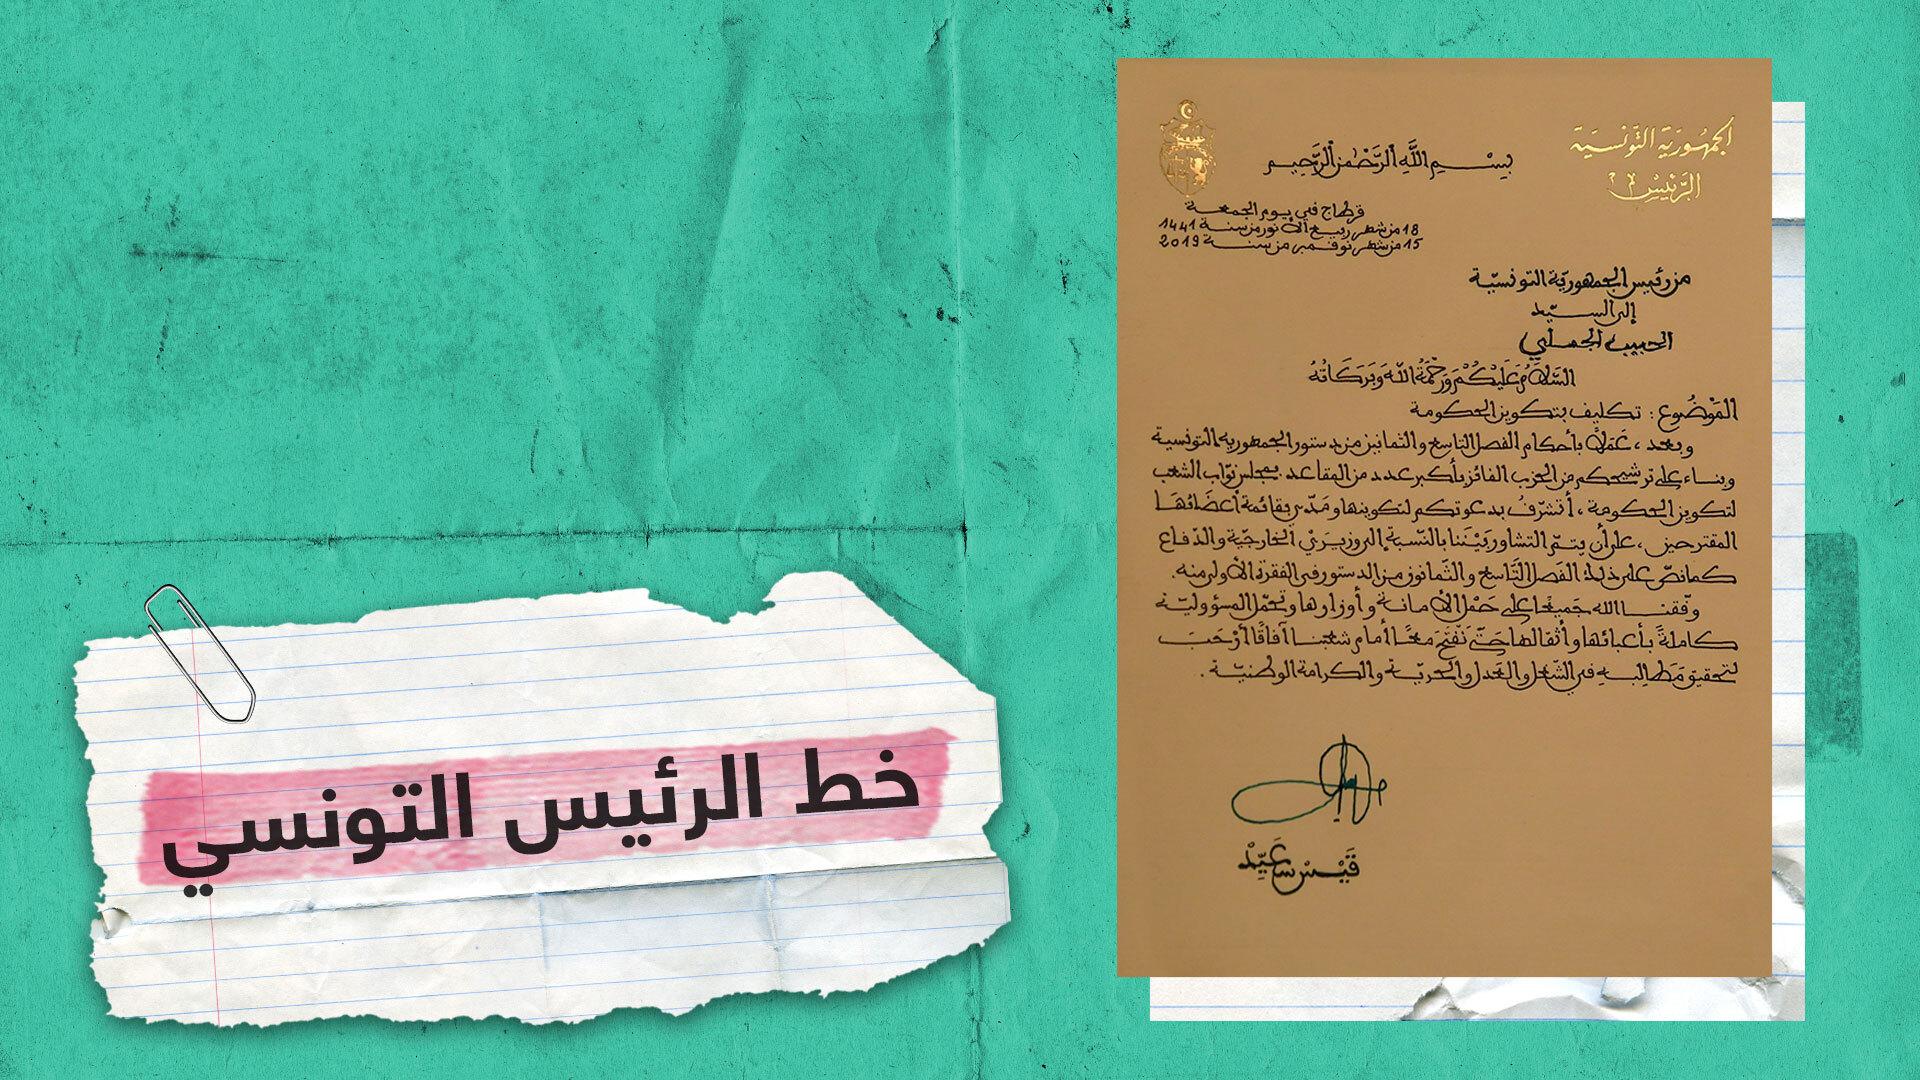 رسالة الرئيس التونسي لتشكيل الحكومة تثير إعجاب مستخدمي الشبكات الاجتماعية